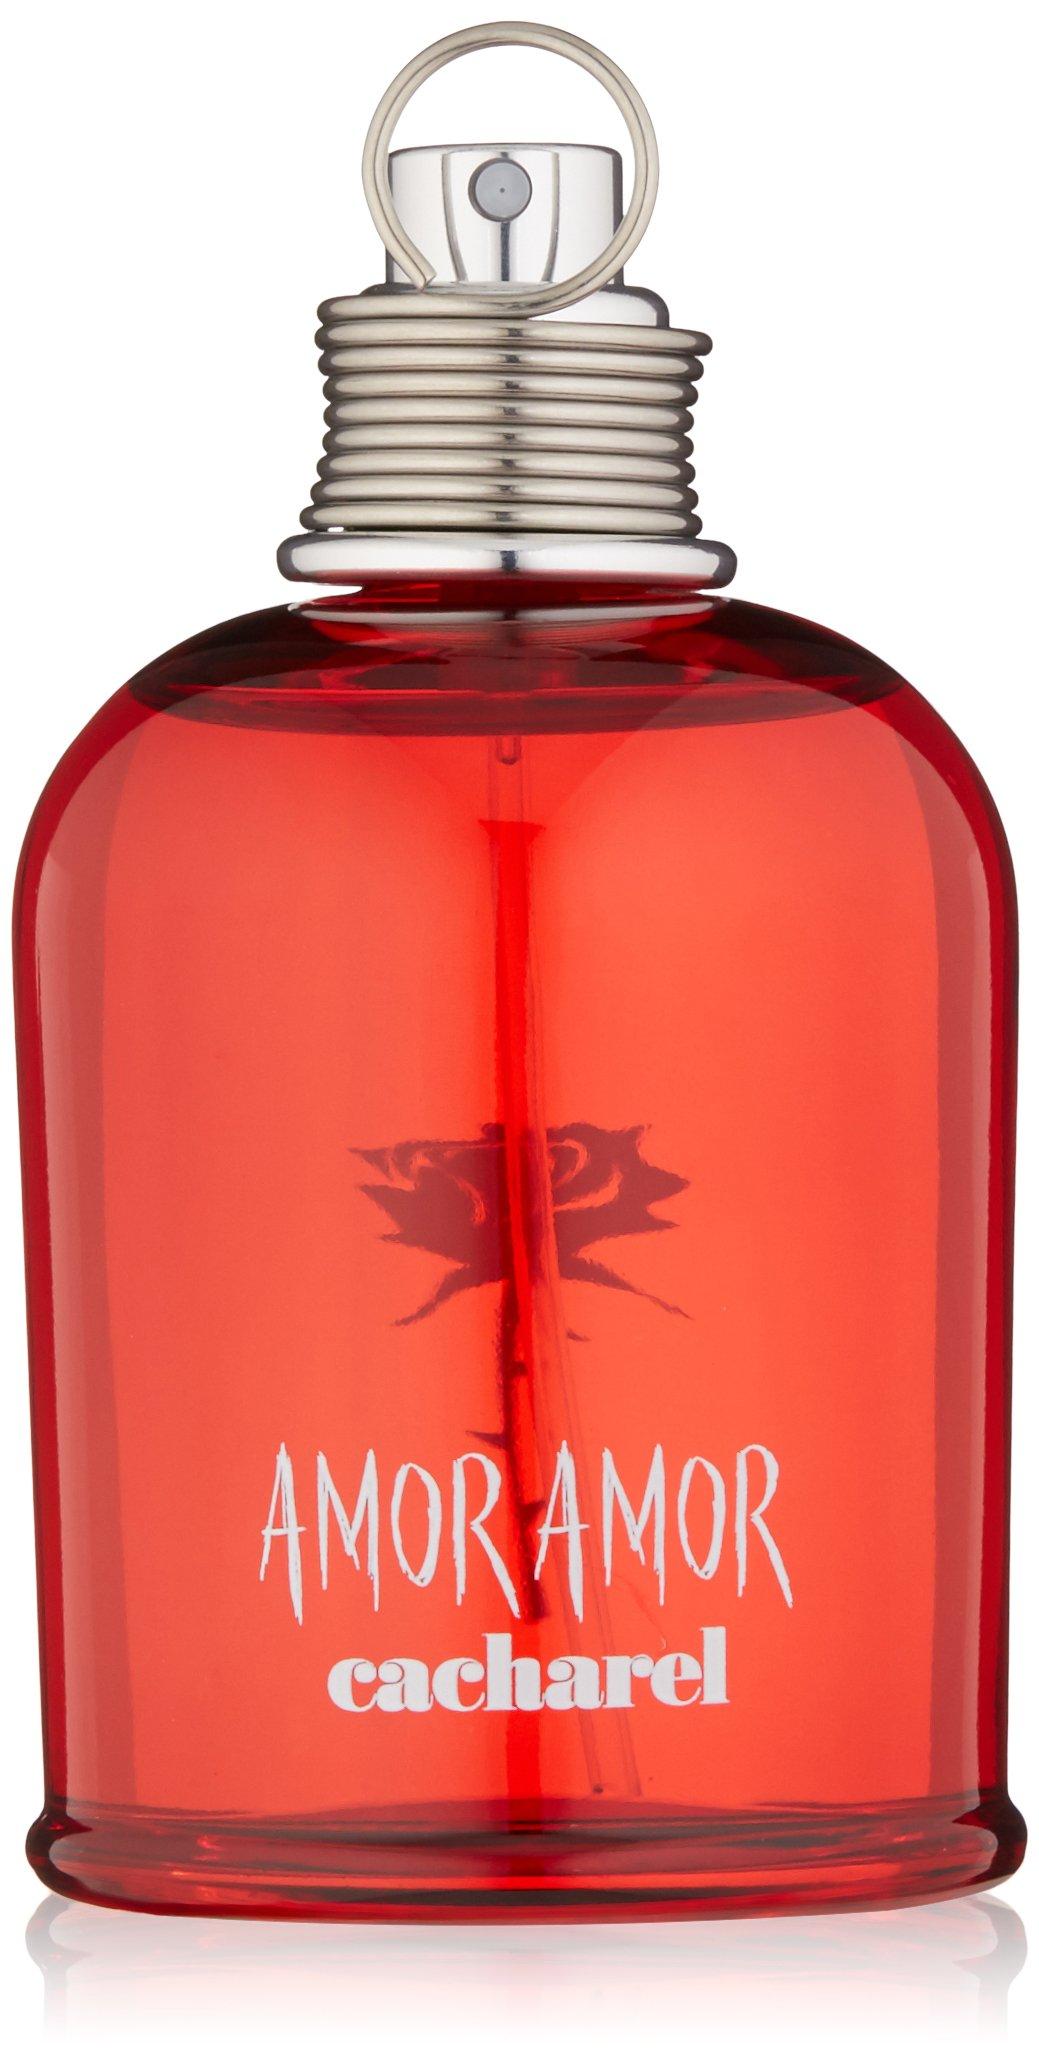 9e1f69b25 Amazon.com   Cacharel Amor Amor Eau de Toilette Spray